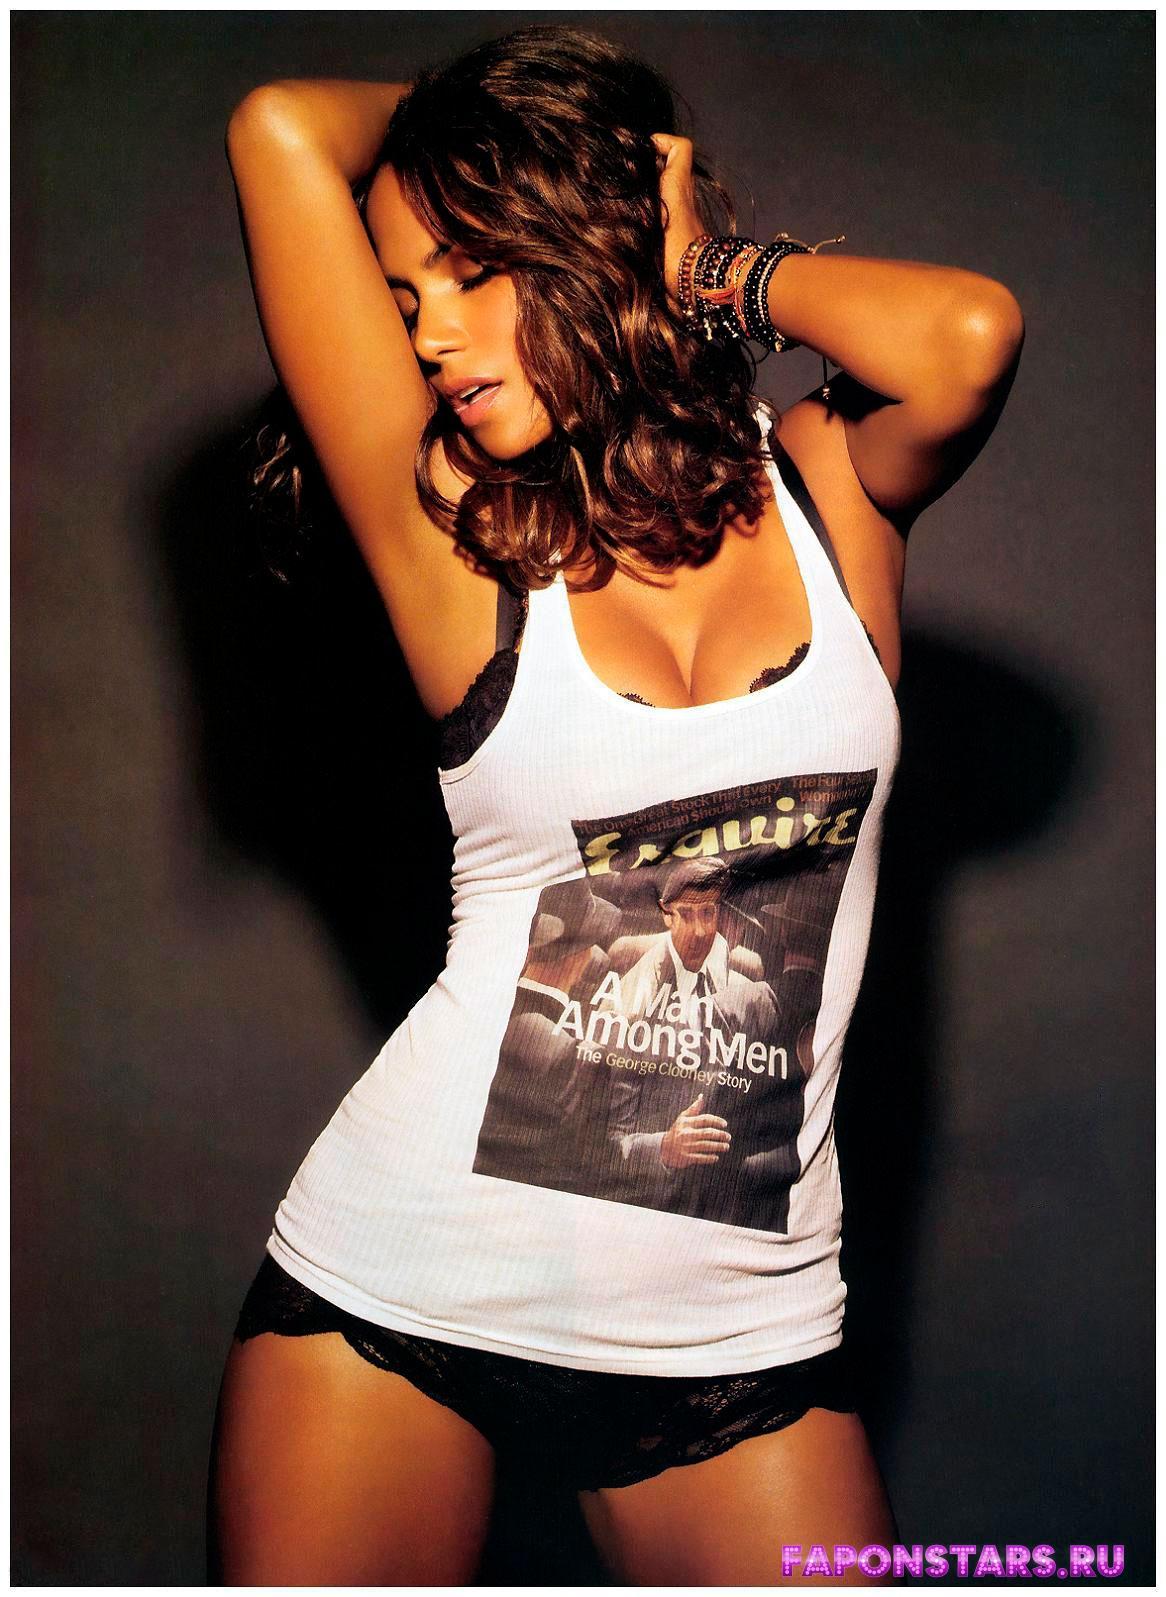 Halle Berry / Хэлли Берри фотосессия в эротическом журнале